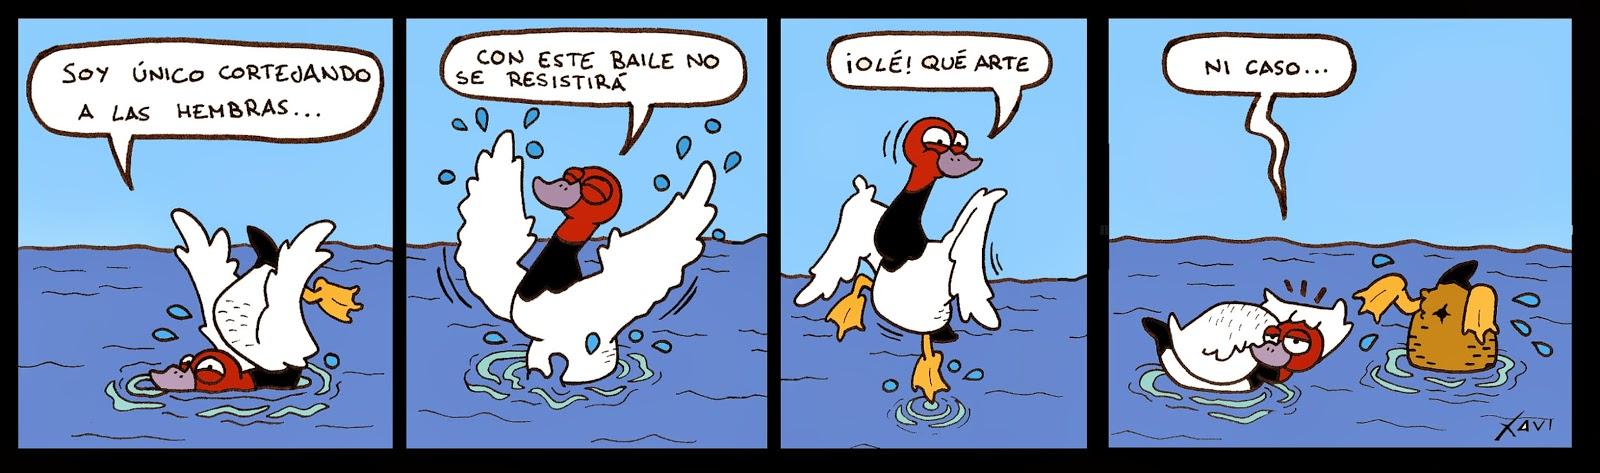 Tiras cómicas aves